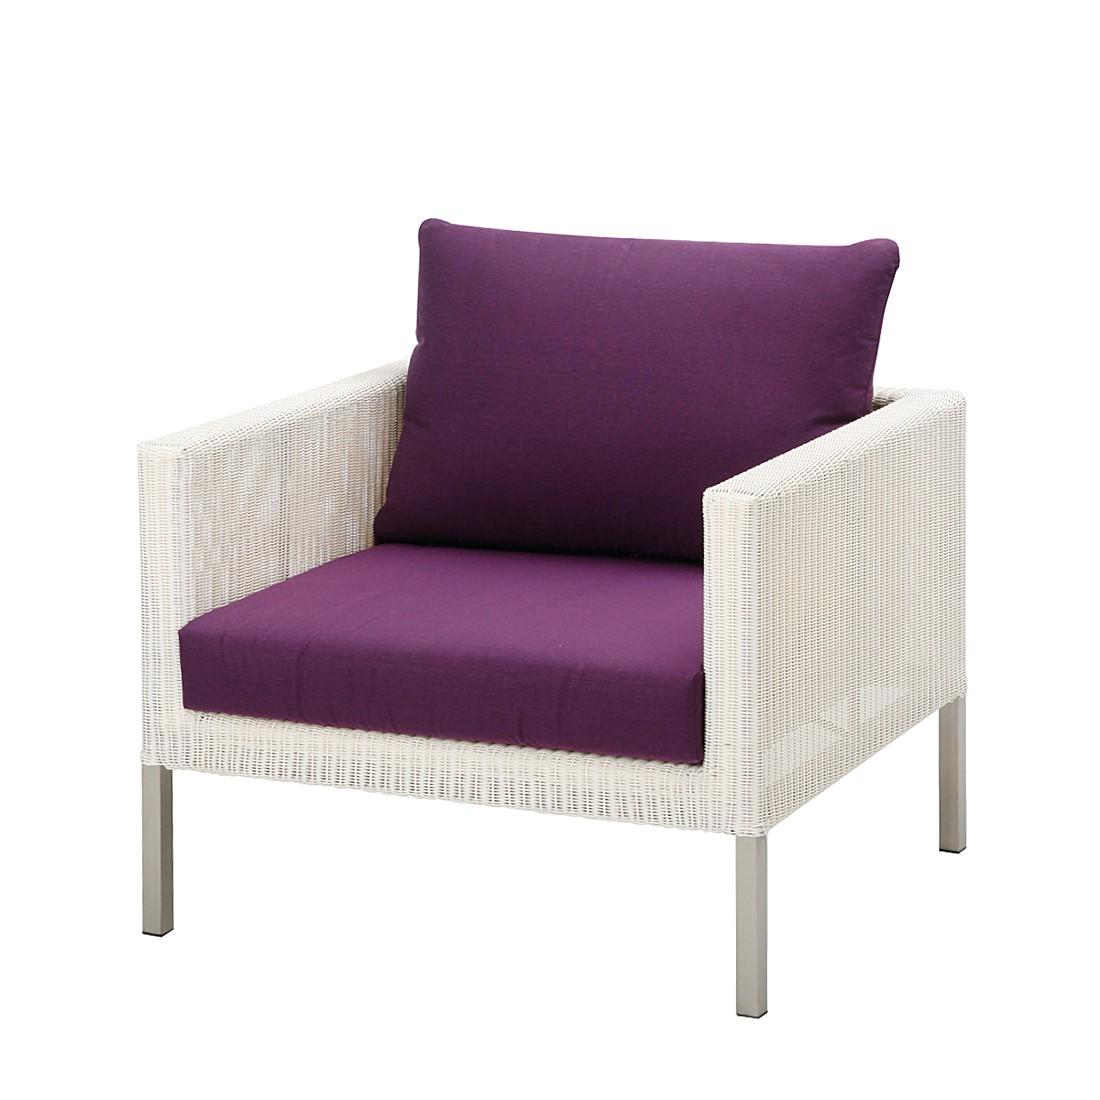 Sitzpolster San Remo - Lila uni, Best Freizeitmöbel